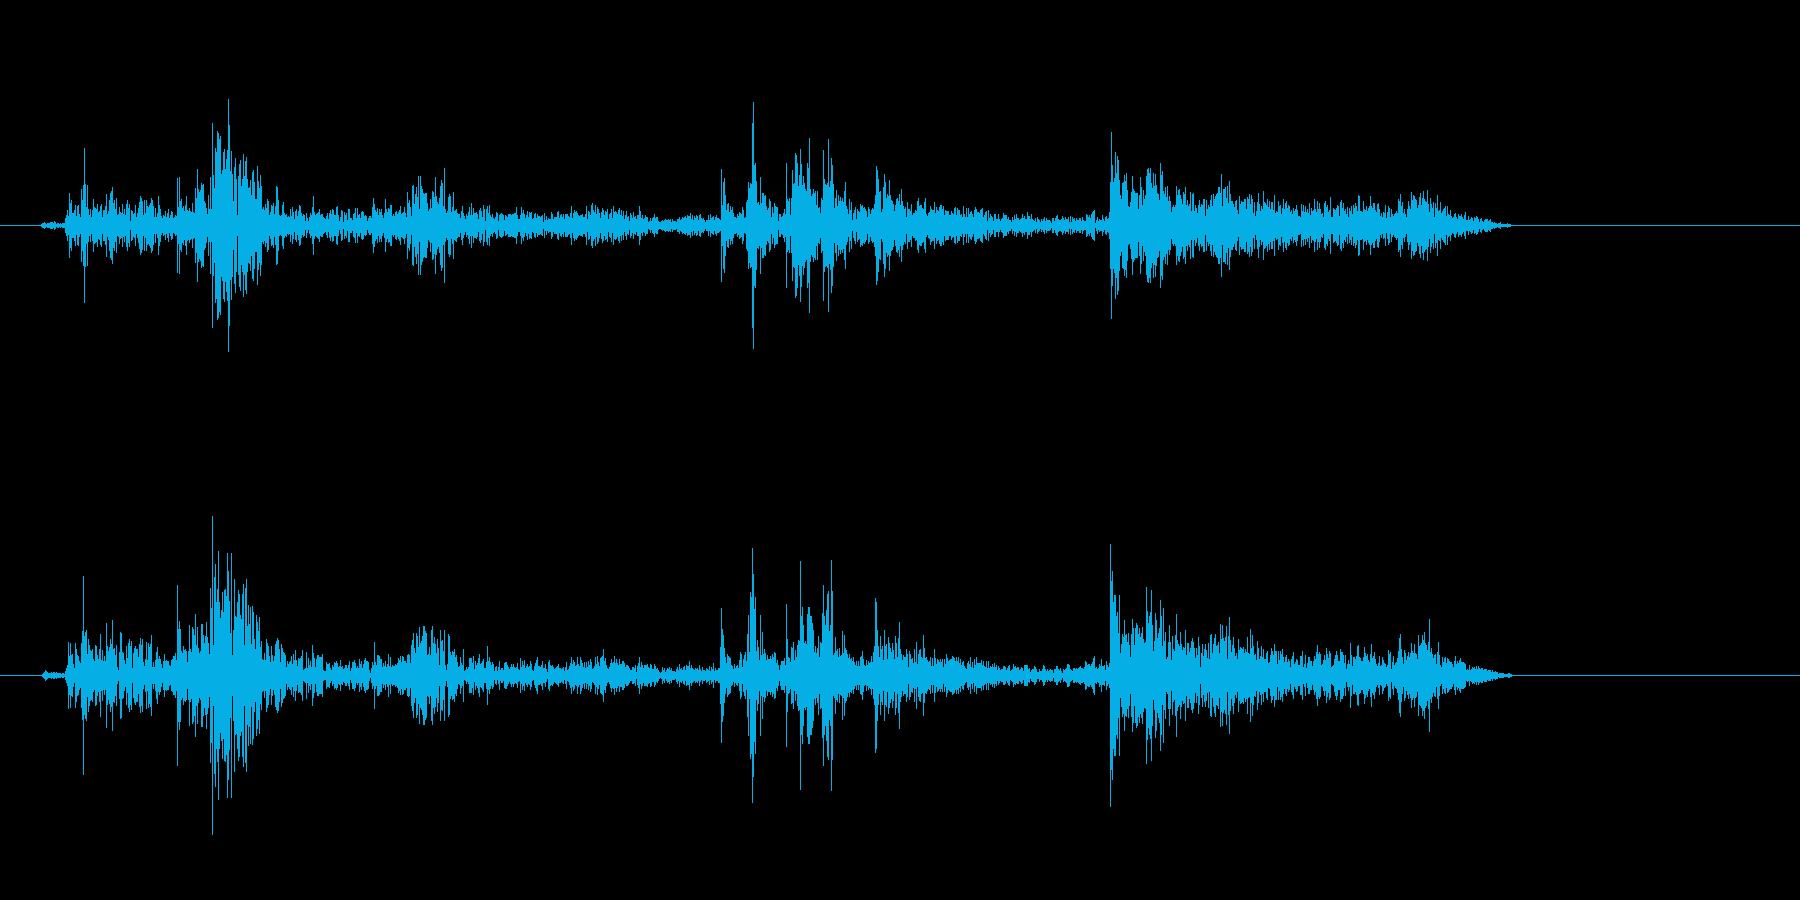 クシュル(紙が動く音)の再生済みの波形